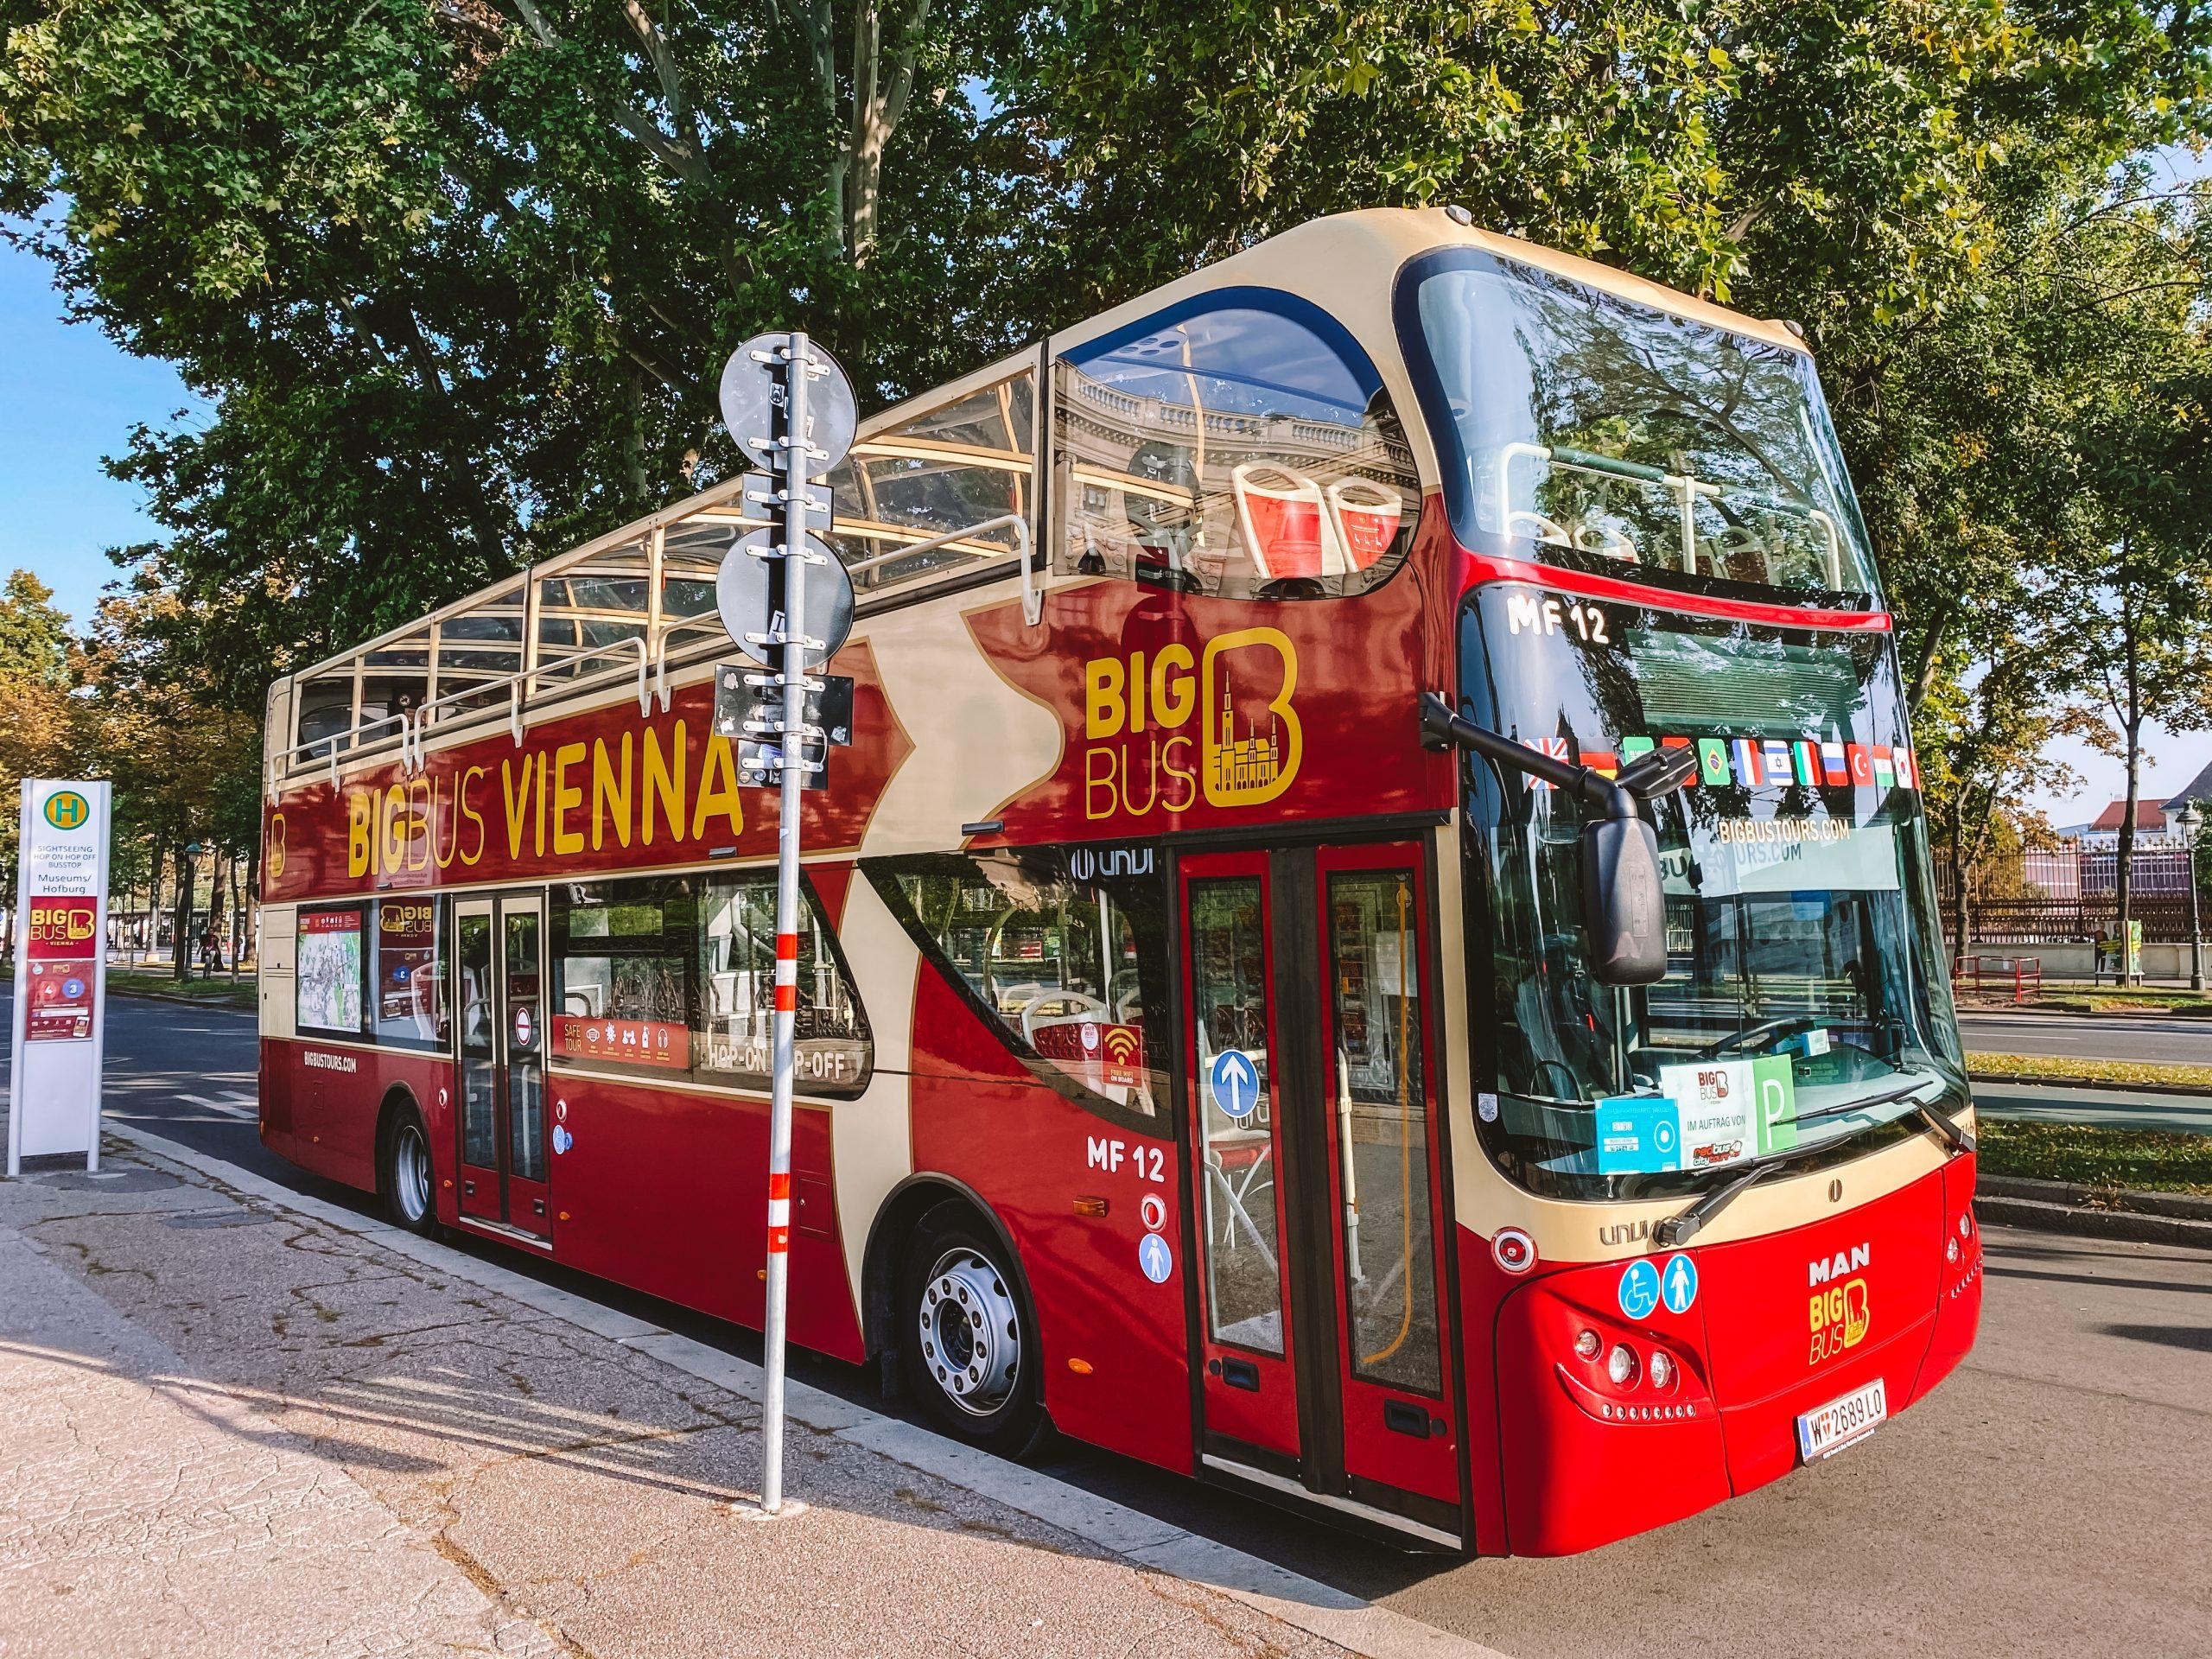 El bus turístico es uno de los transportes de como moverse por Viena